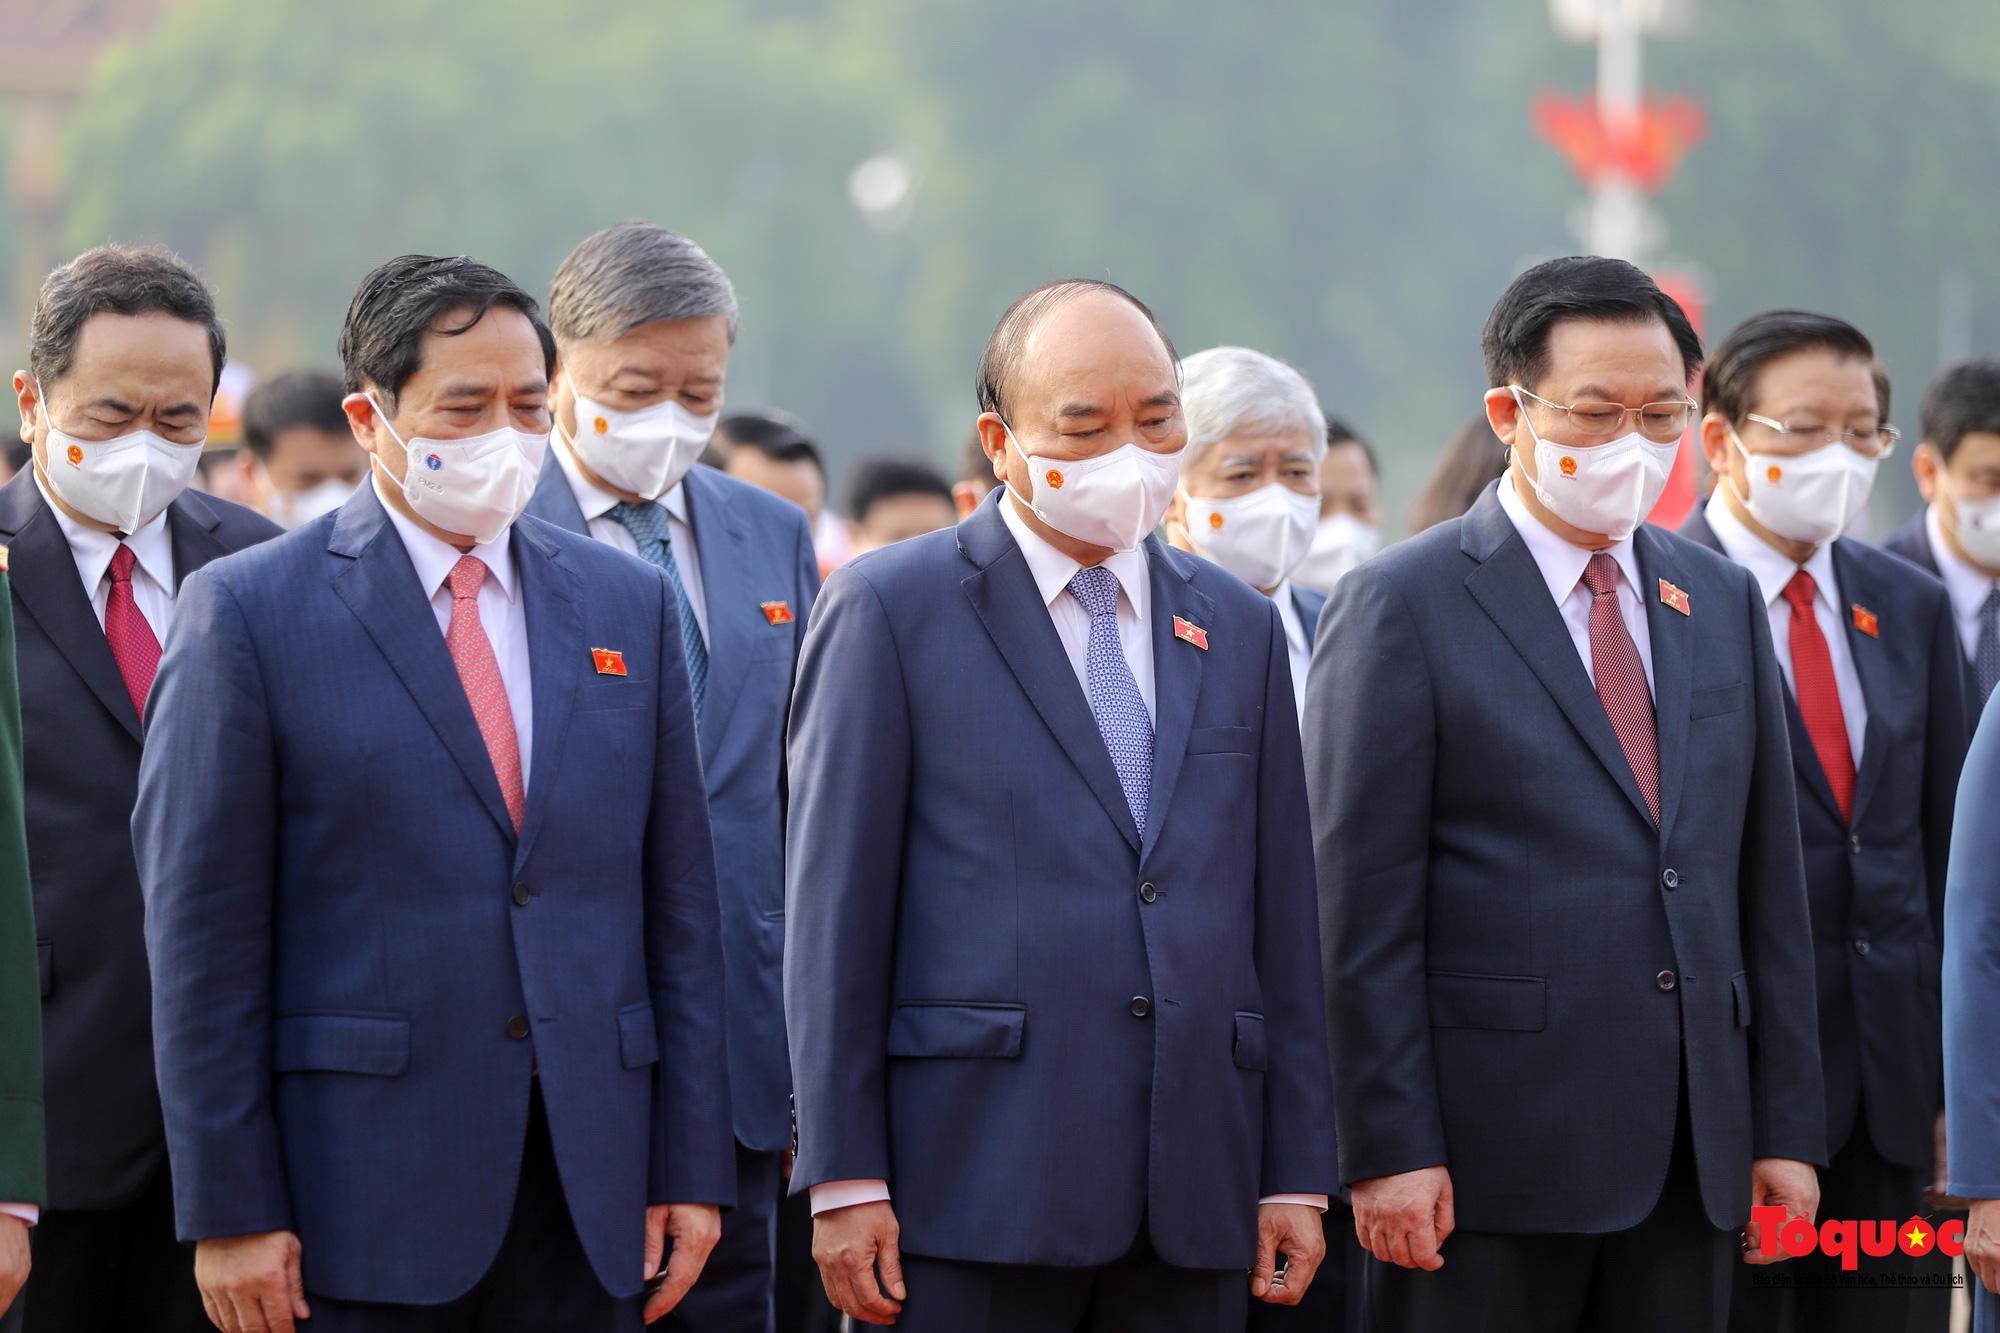 Lãnh đạo Đảng, Nhà nước và các đại biểu Quốc hội khóa XV vào Lăng viếng Chủ tịch Hồ Chí Minh - Ảnh 6.